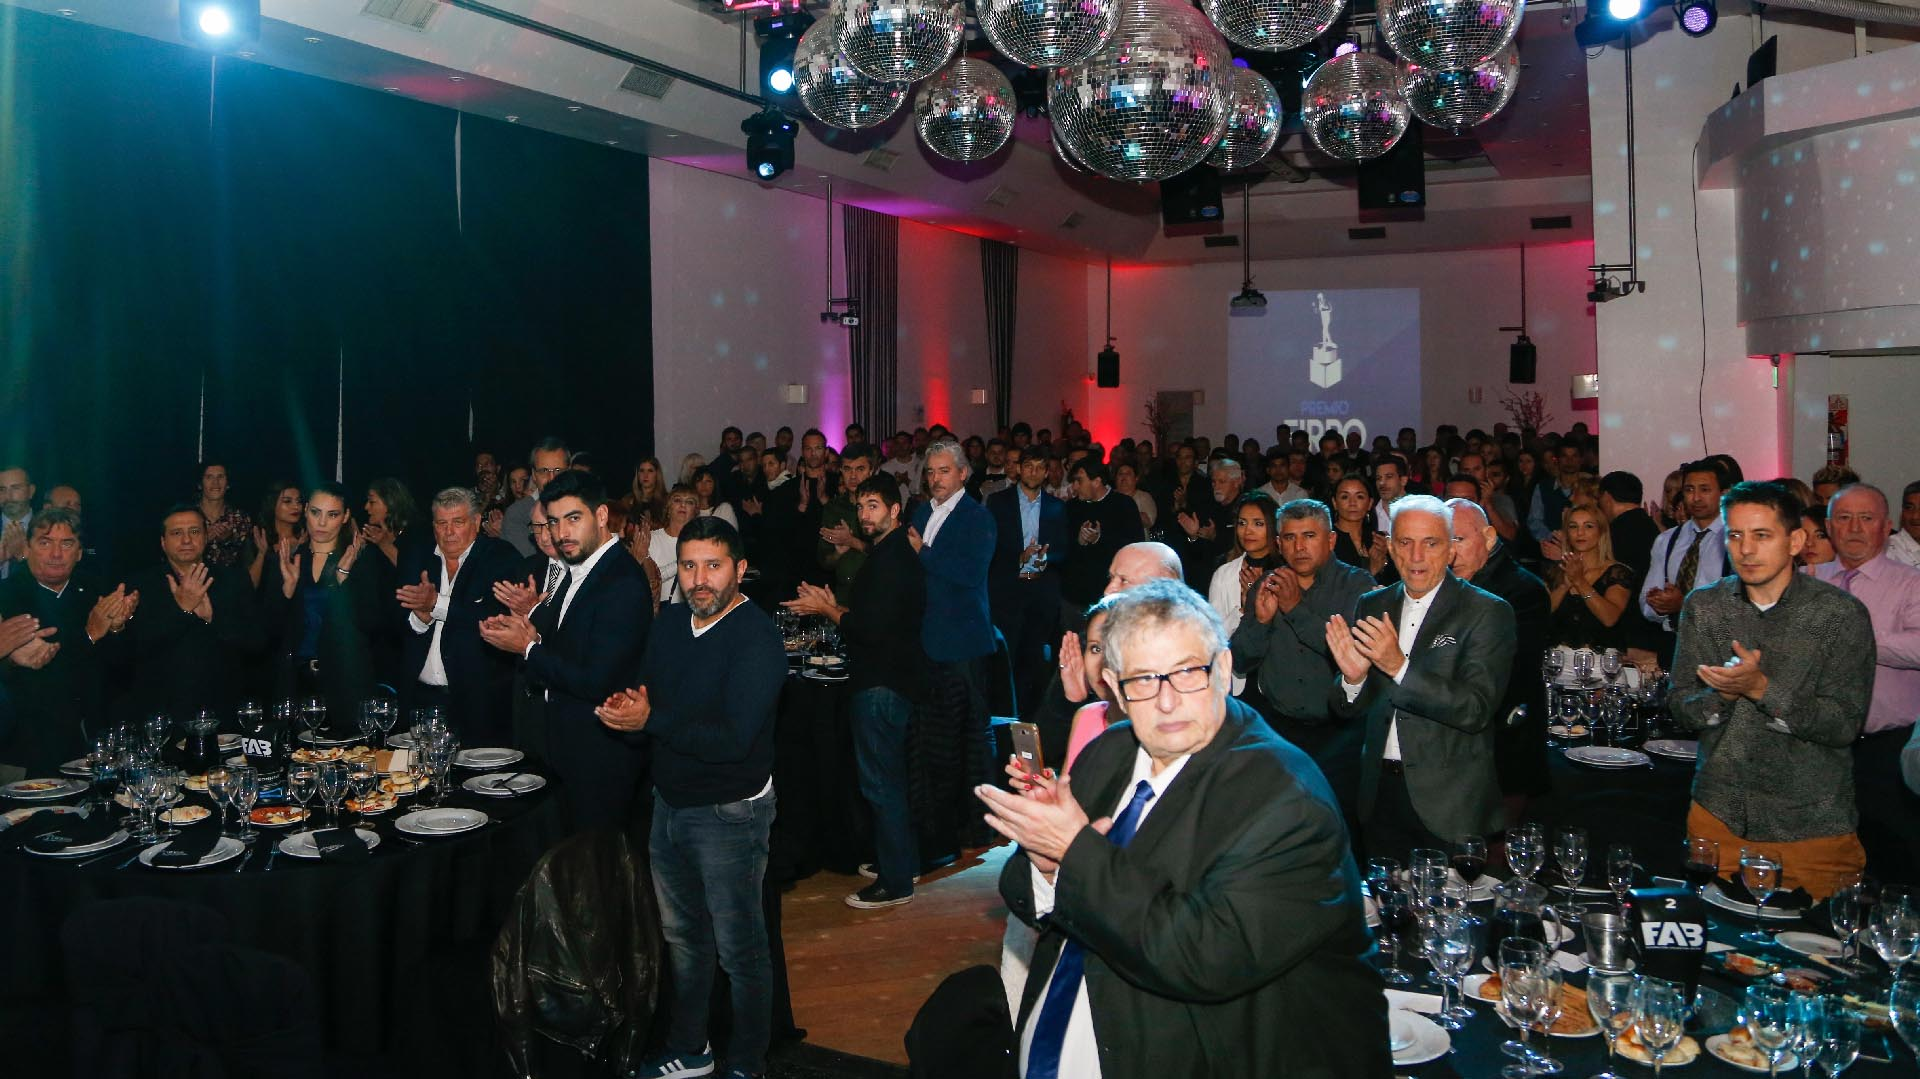 Los premios Firpo son entregados por la Unión de Periodistas de Boxeo (Uperbox)